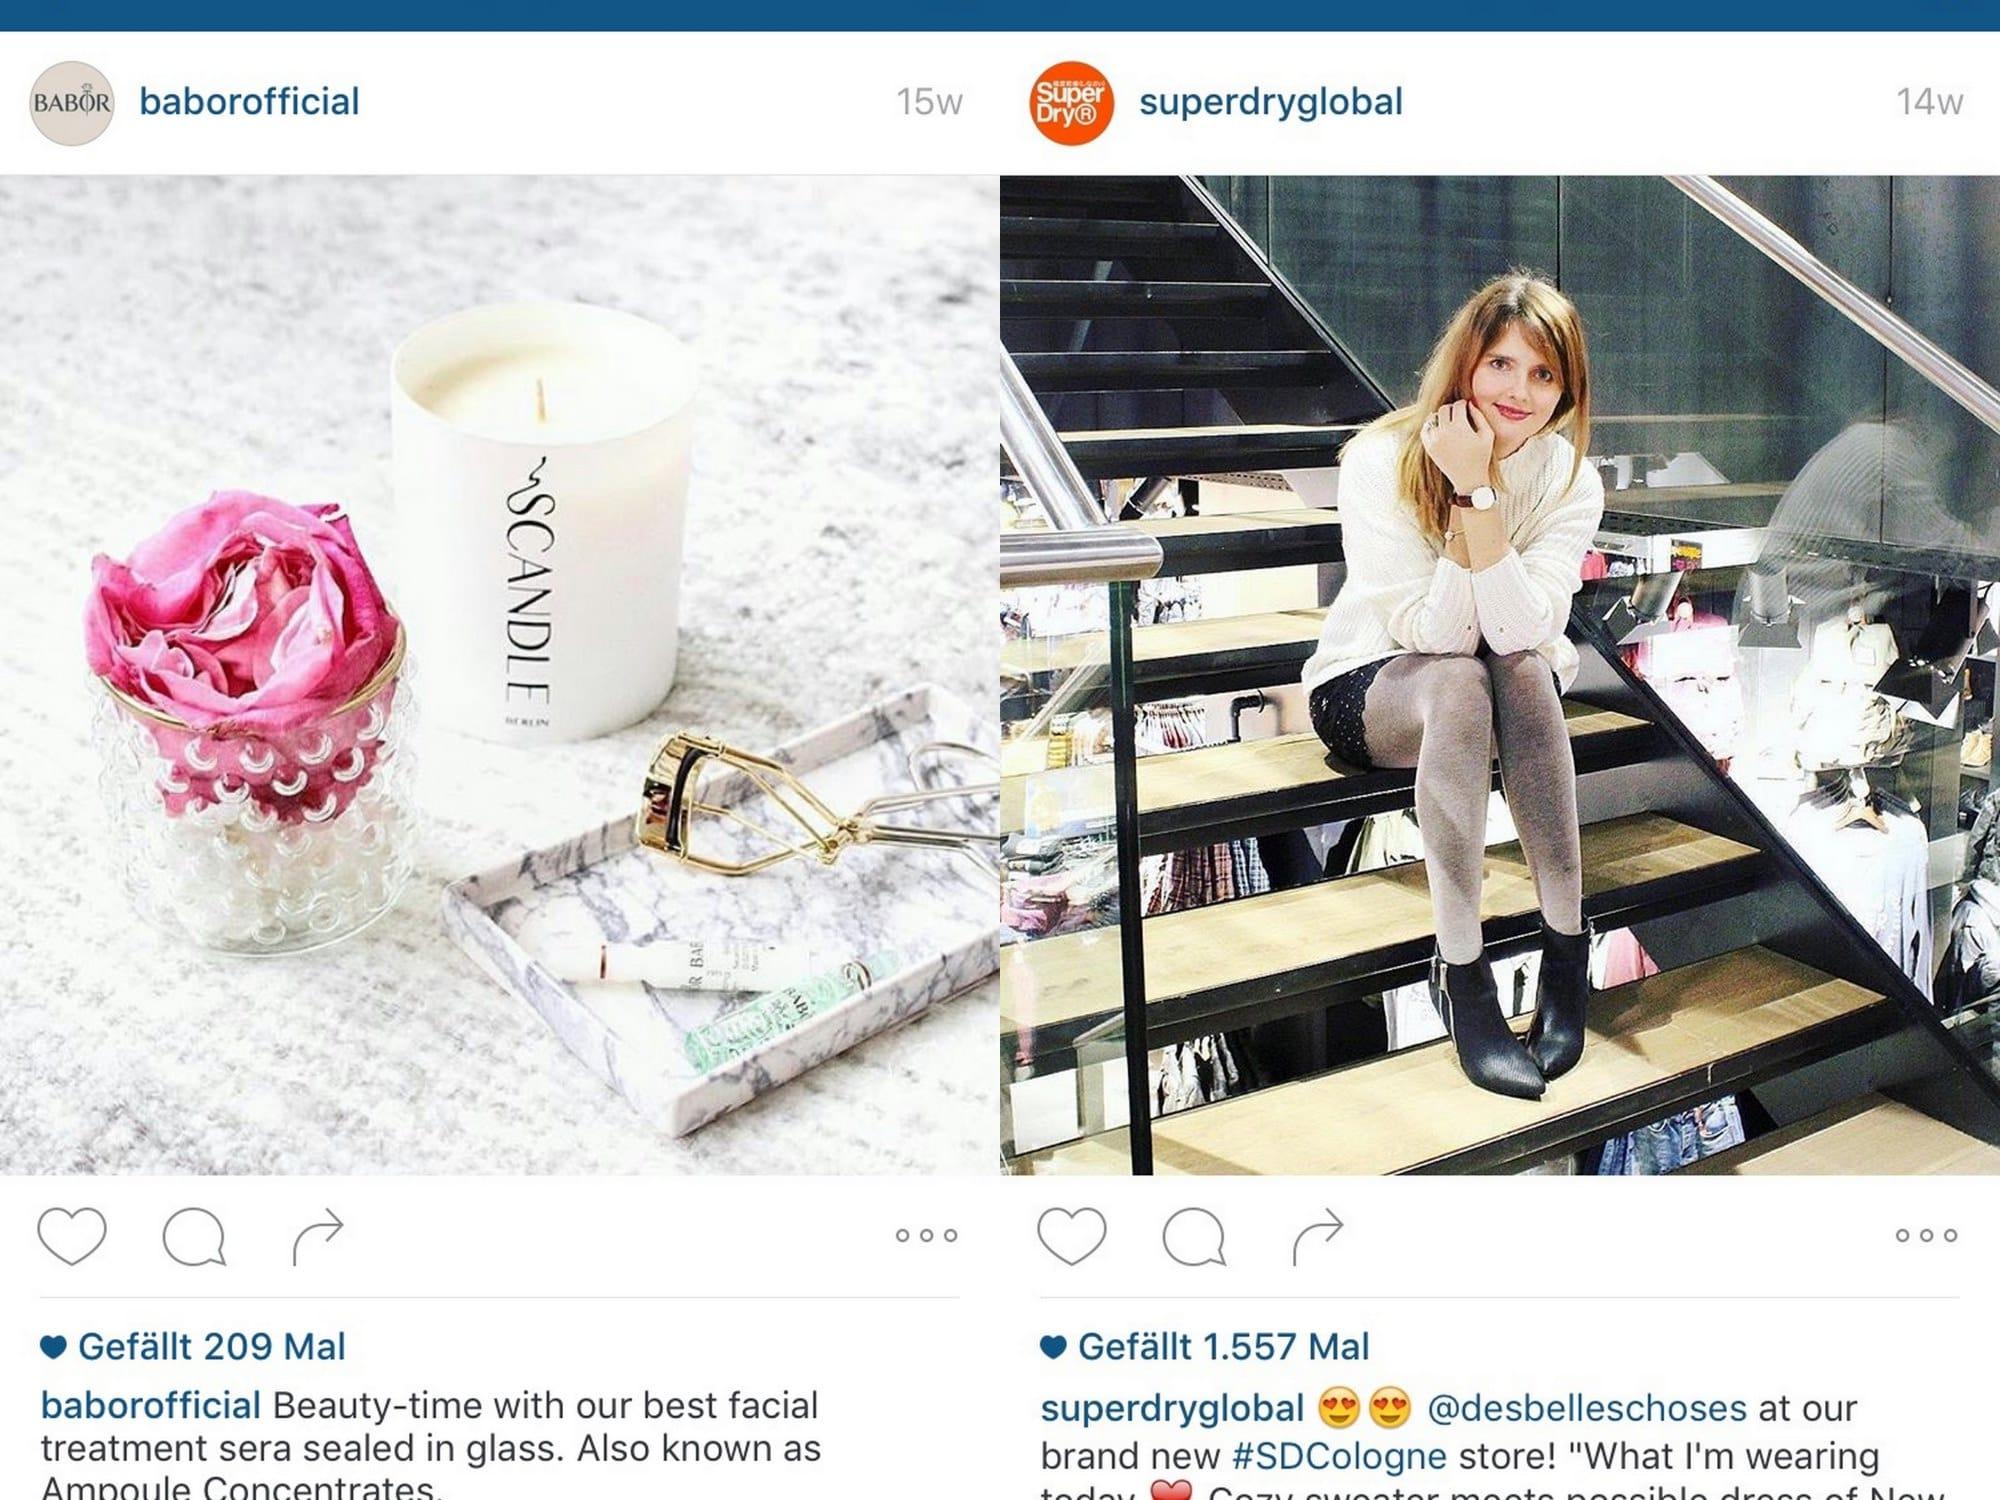 desbelleschoses-fashion-blog-köln-online-erwähnungen 6